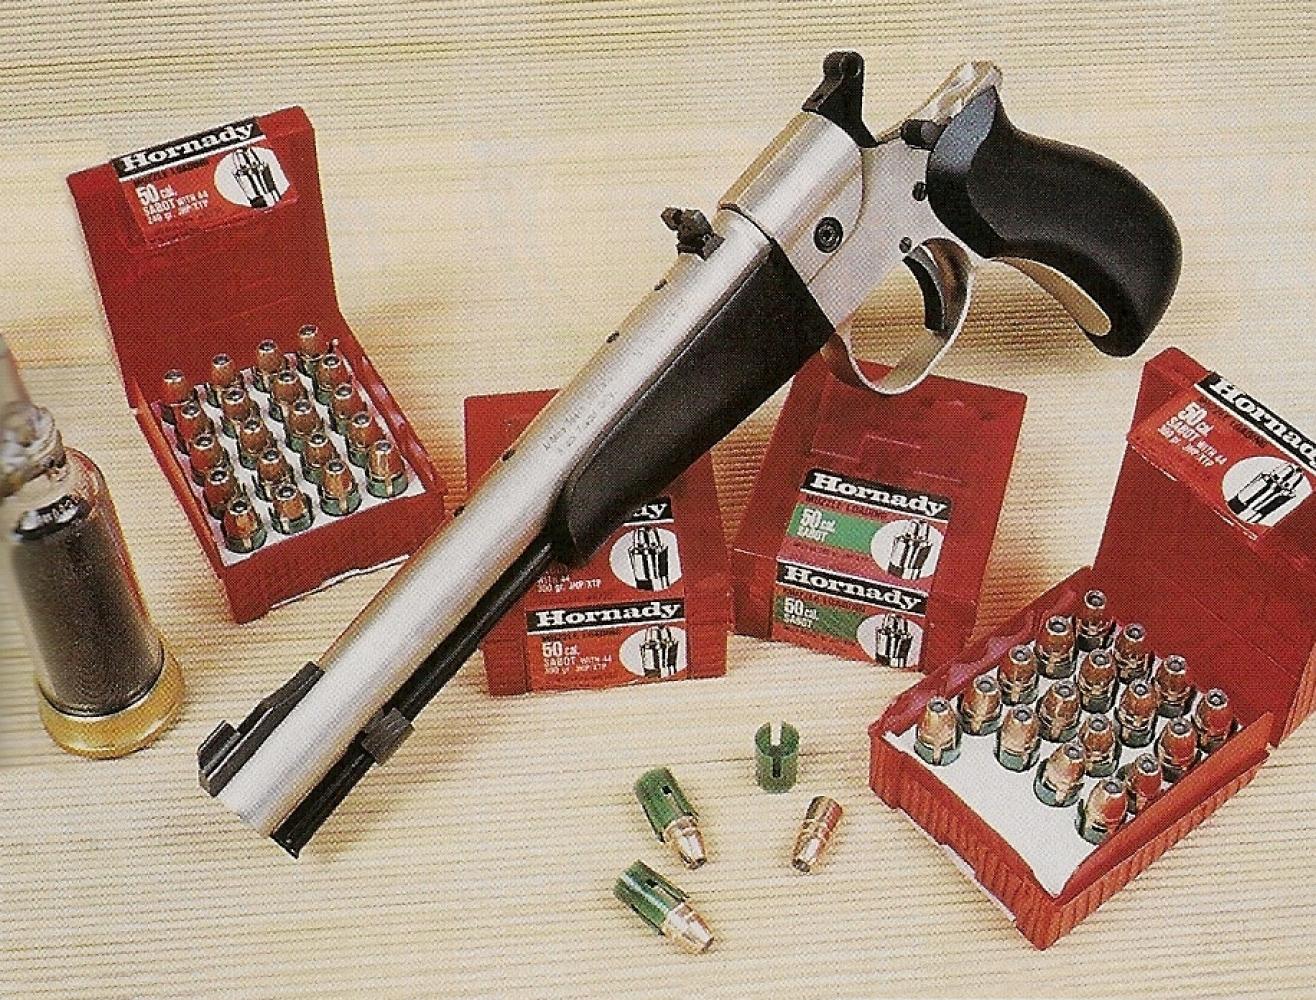 Spécialement destinés à la chasse, les projectiles « Sabot » commercialisés par Hornady (armurerie Universal-Arms) se composent d'une balle blindée Hollow-Point de calibre .44, d'un poids de 240 ou 300 grains, accompagnée d'un godet en nylon de calibre .50.